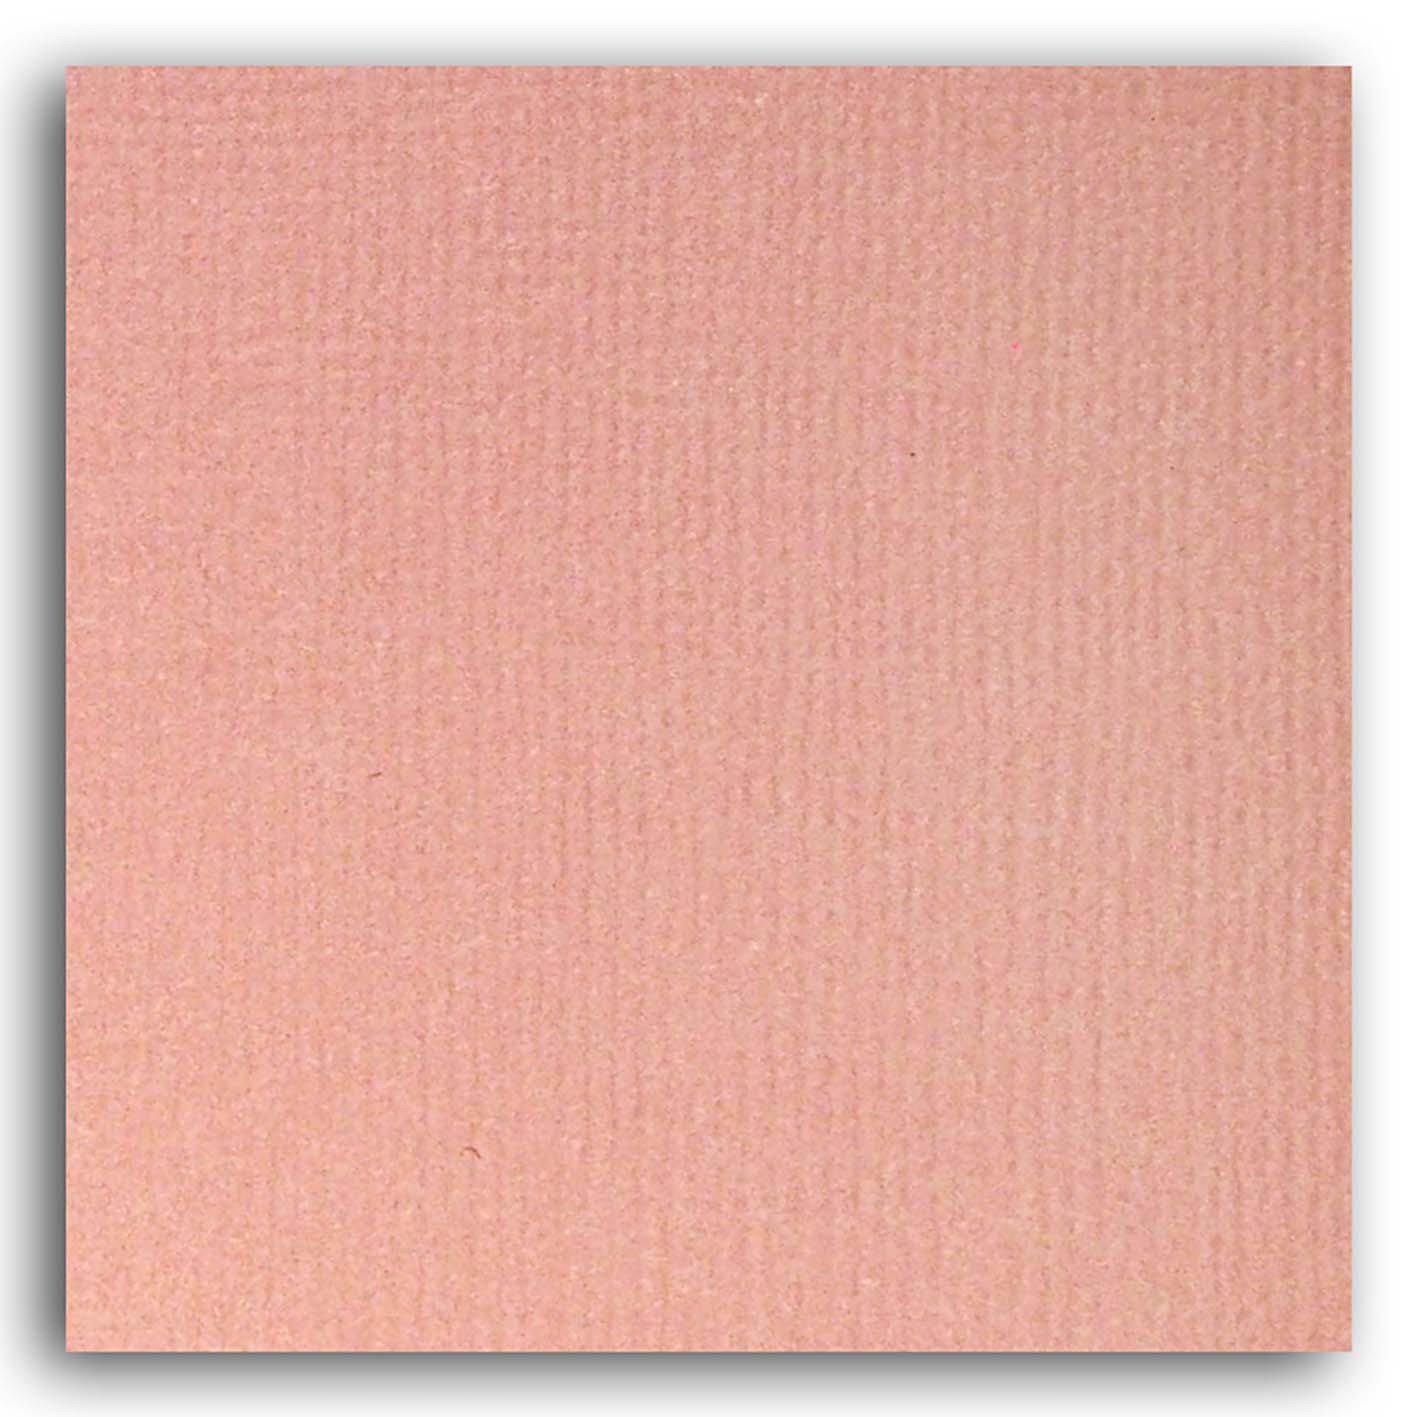 Papier scrapbooking Mahé Rose uni 30,5x30,5 cm